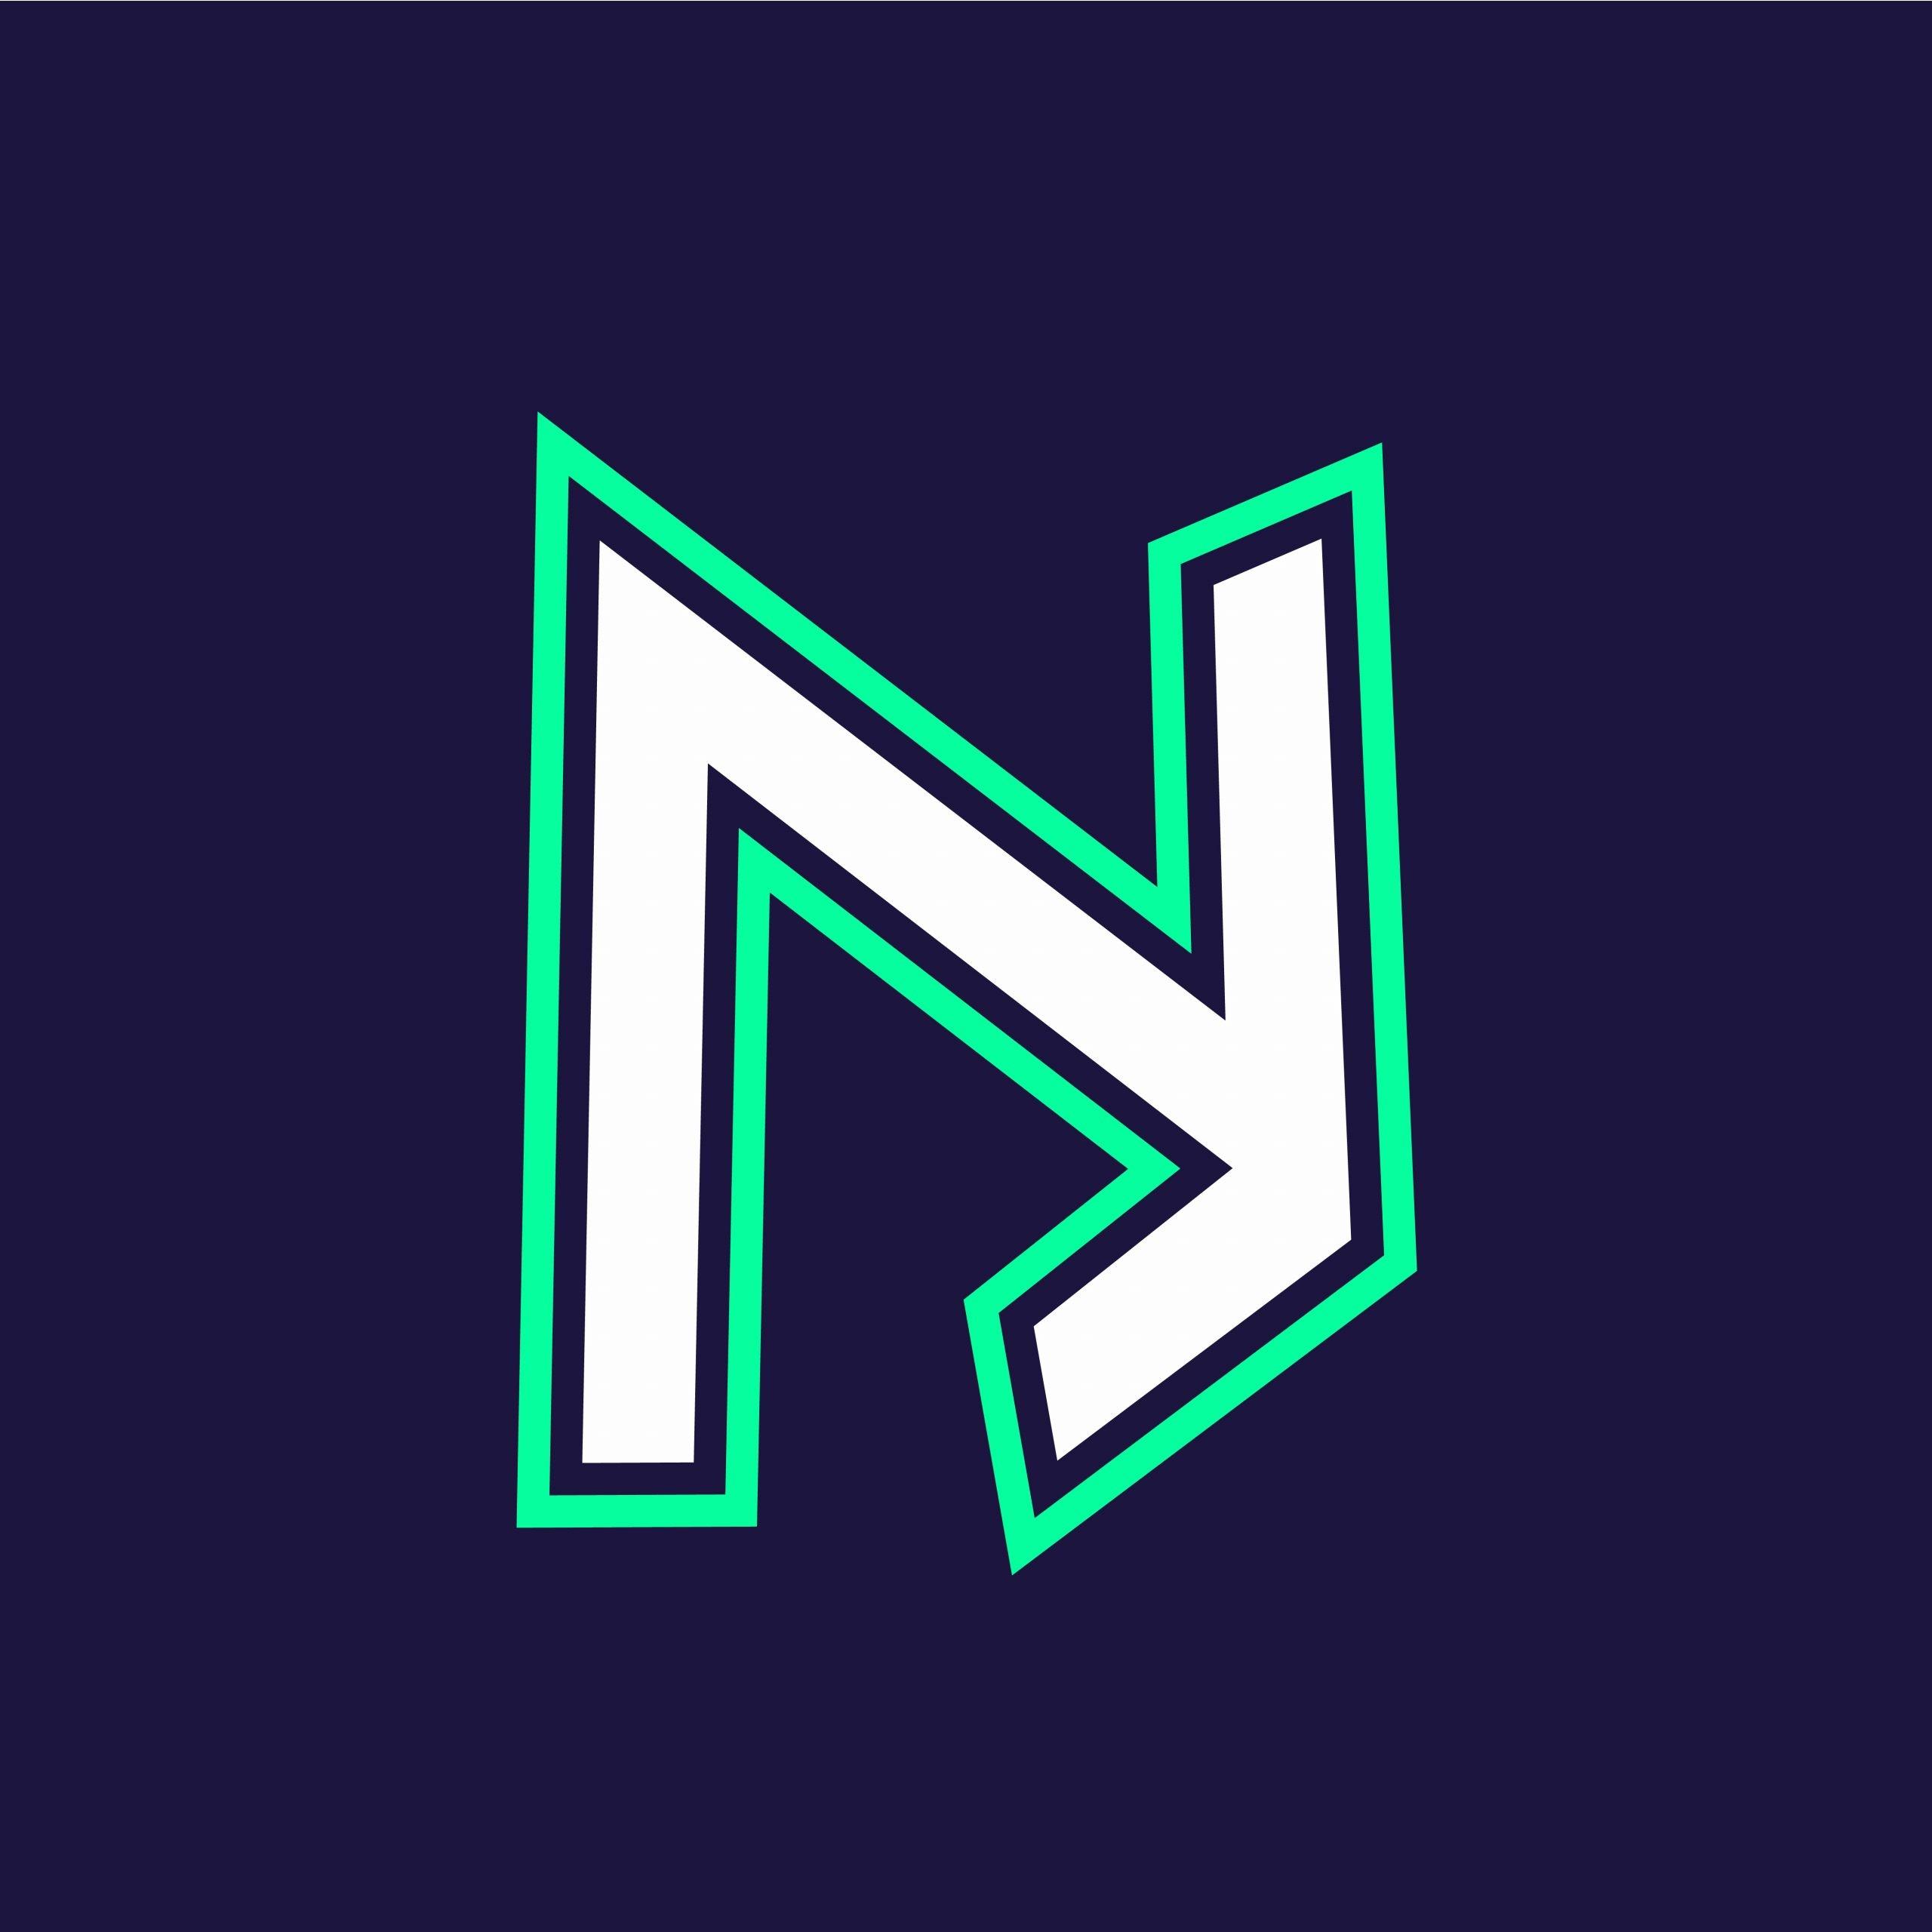 NJ Initials Letter Mascot Logo